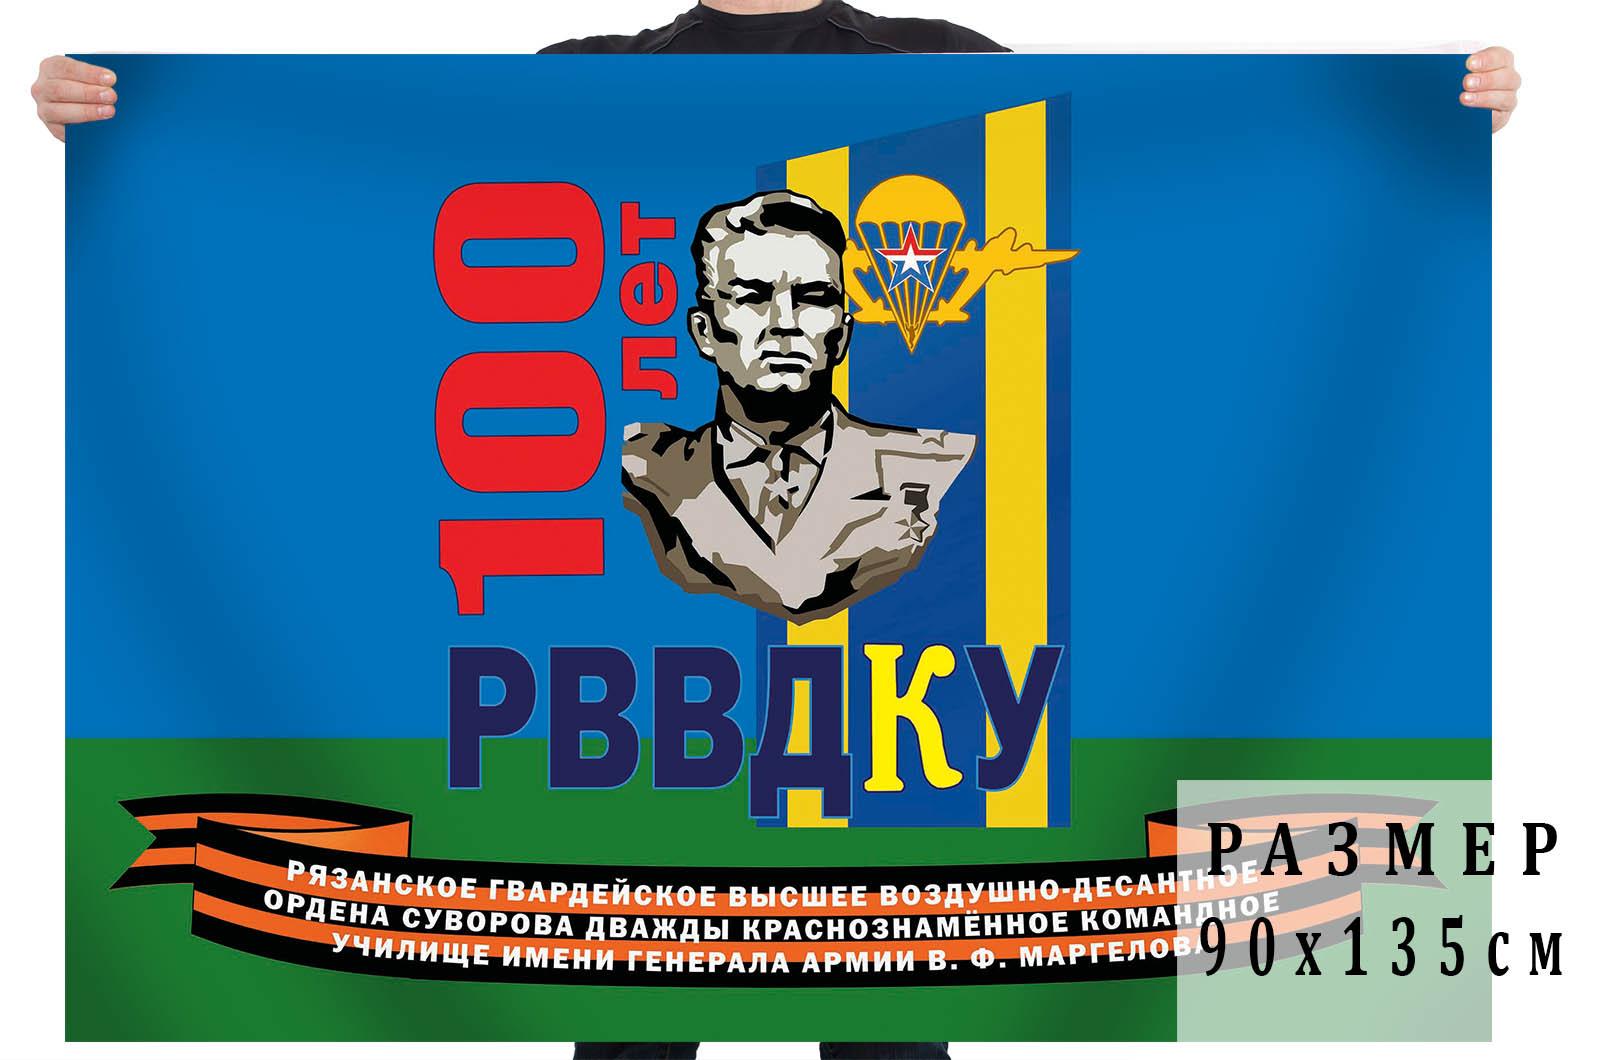 Красивый и недорогой флаг в дизайне «Юбилей Рязанского РВВДКУ»